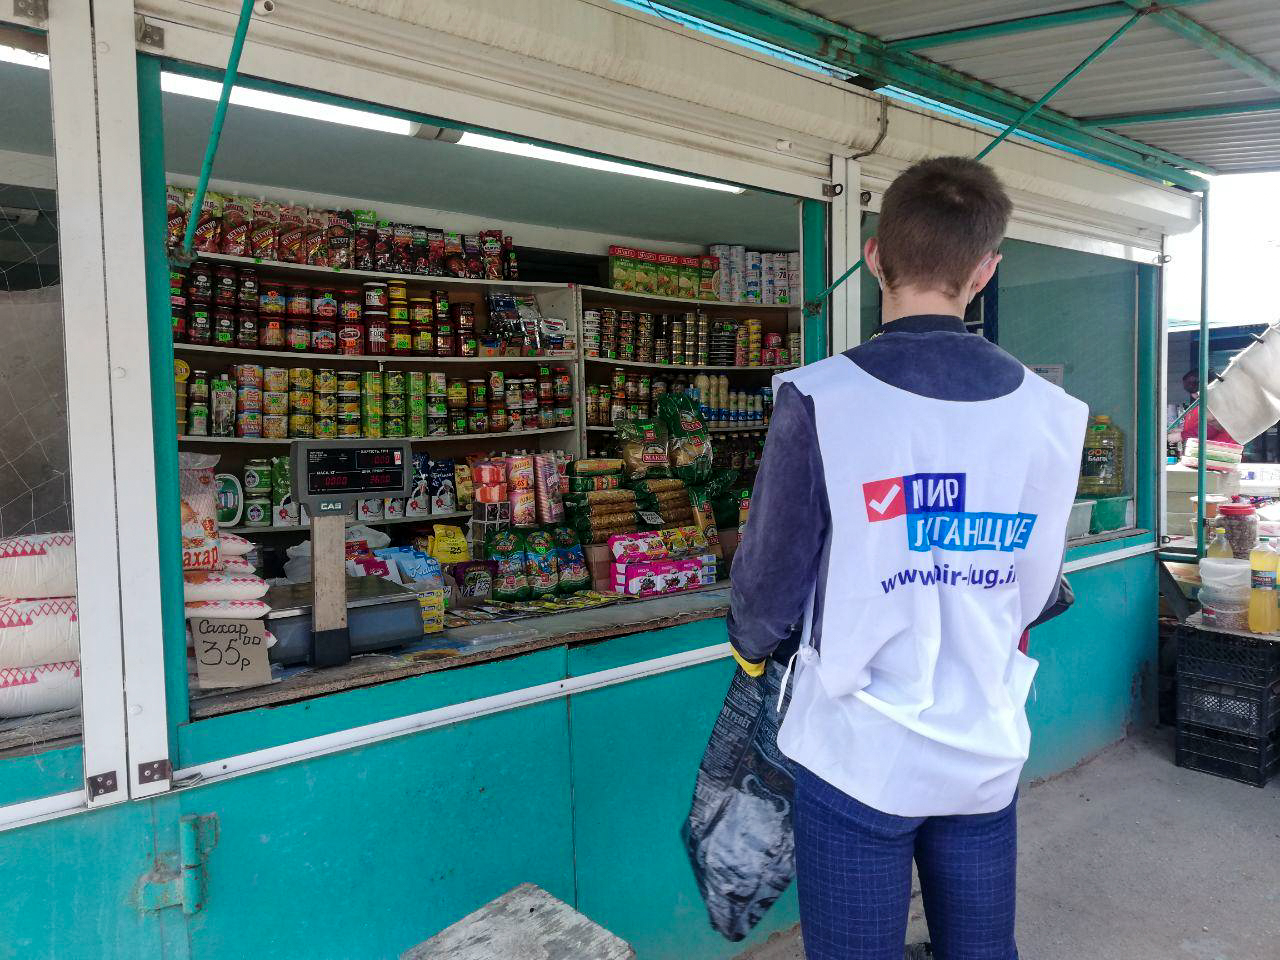 Волонтёры акции «Рука помощи» за неделю помогли восьми жителям Стаханова 1